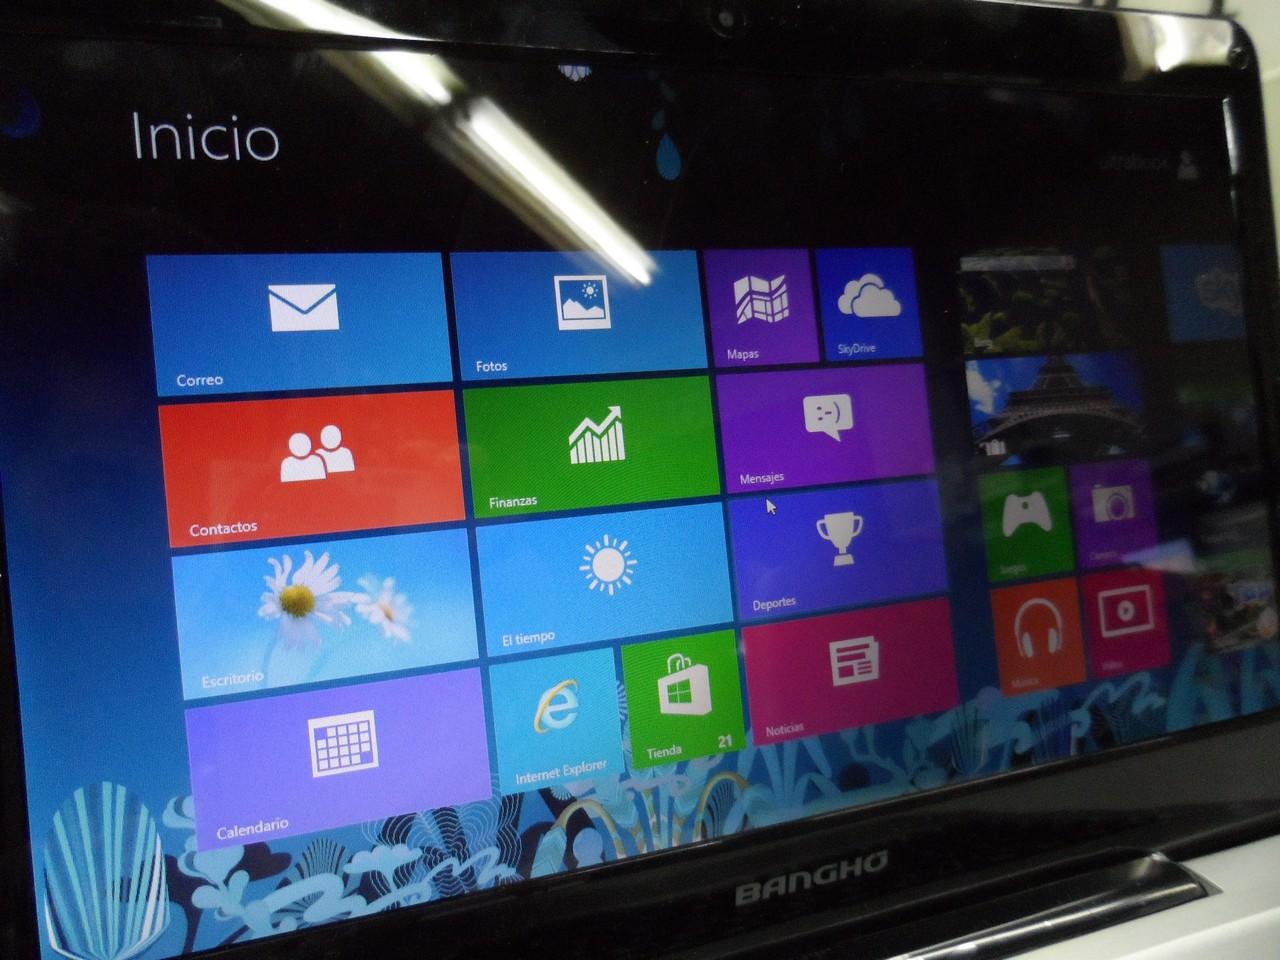 La superficie espejada de la pantalla puede ser molesta dependiendo de la iluminación